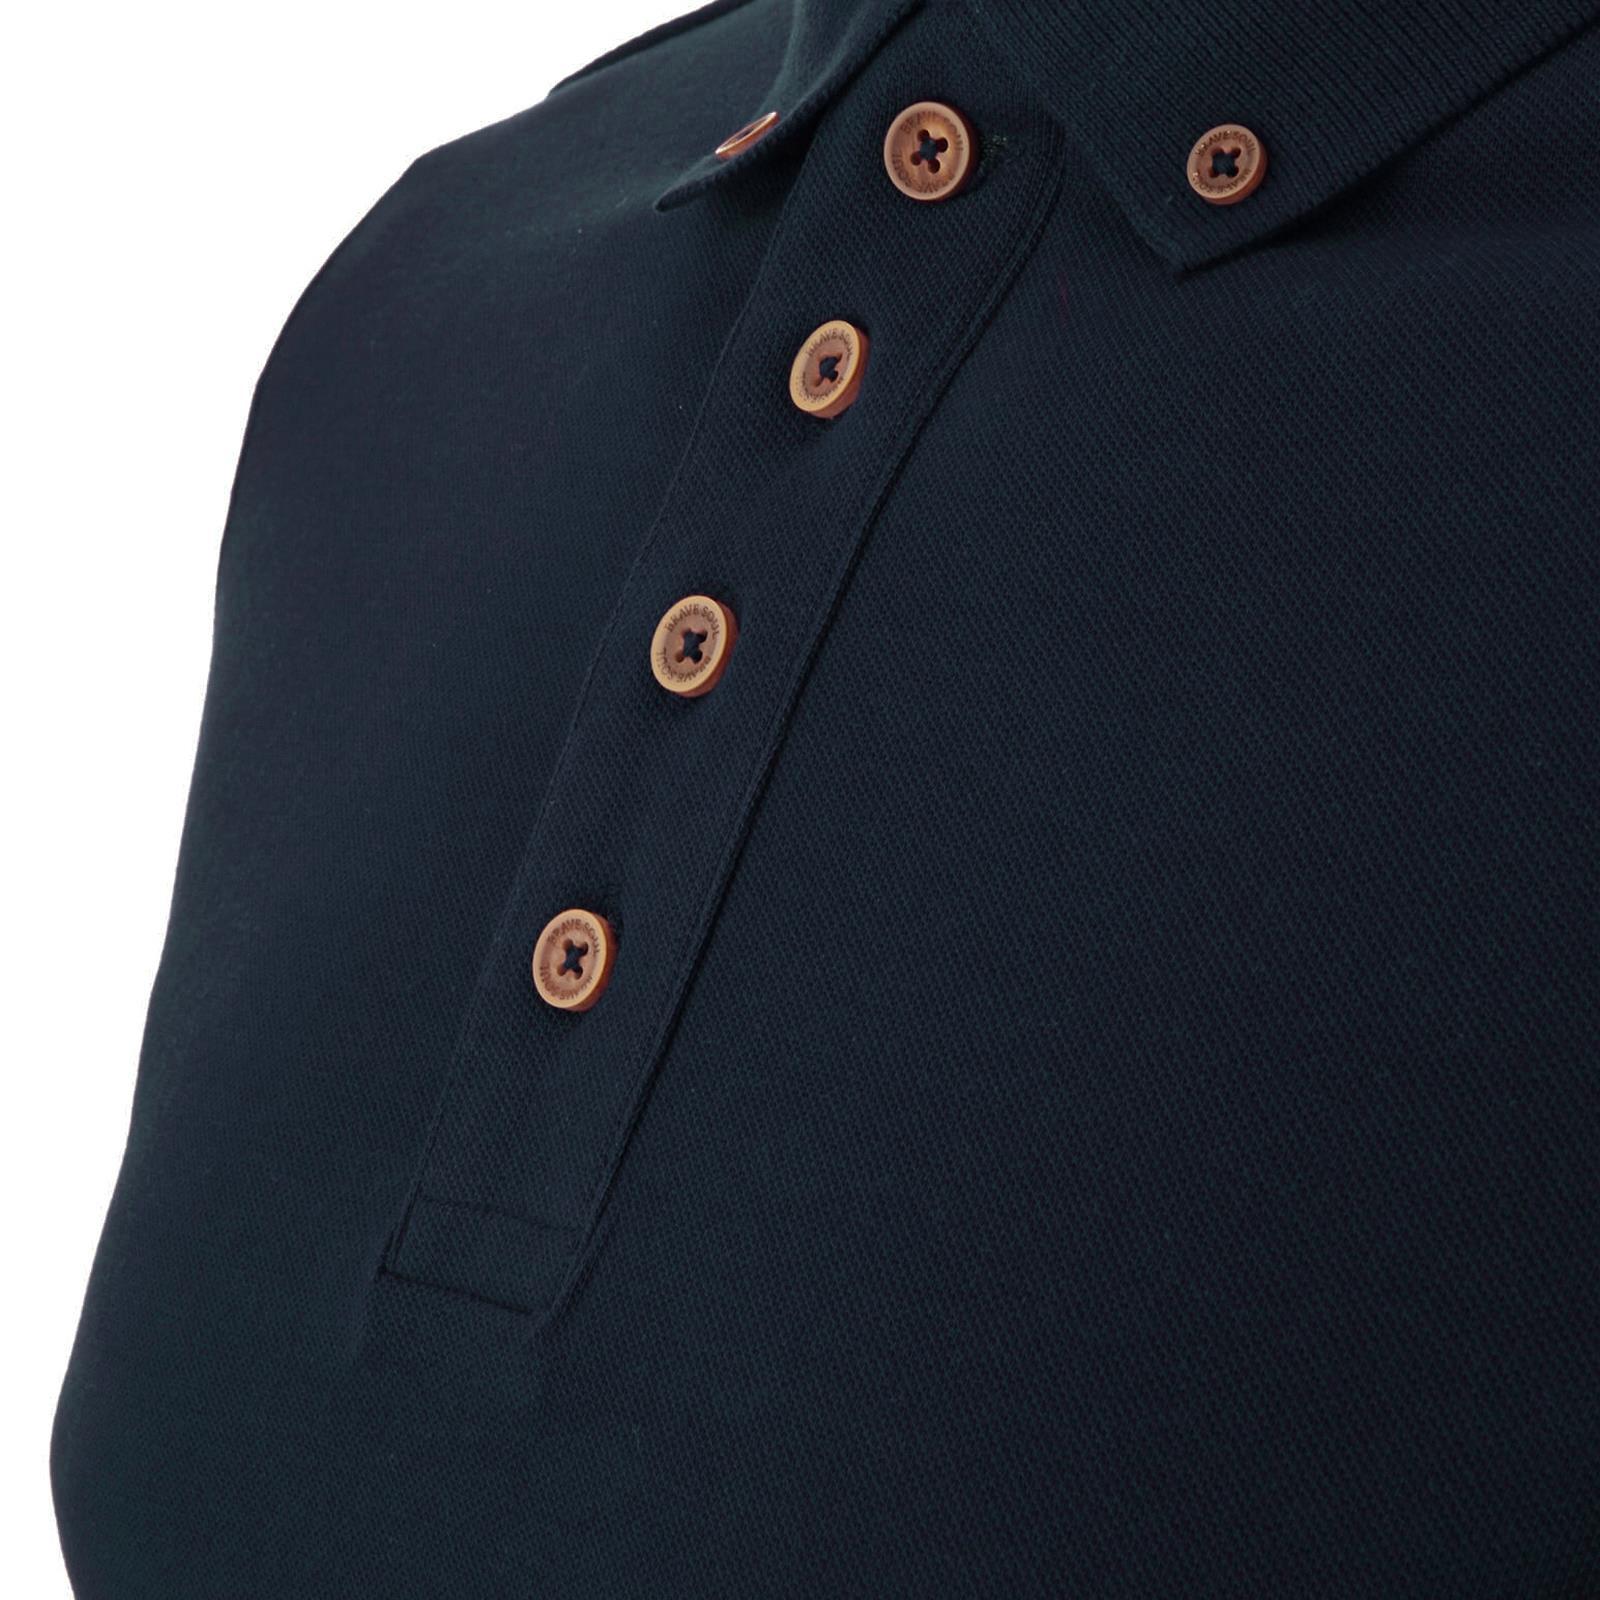 Homme-Polo-Brave-Soul-Lincoln-a-Manches-Longues-A-Col-Coton-Pique-Haut-Decontracte-Chemise miniature 20